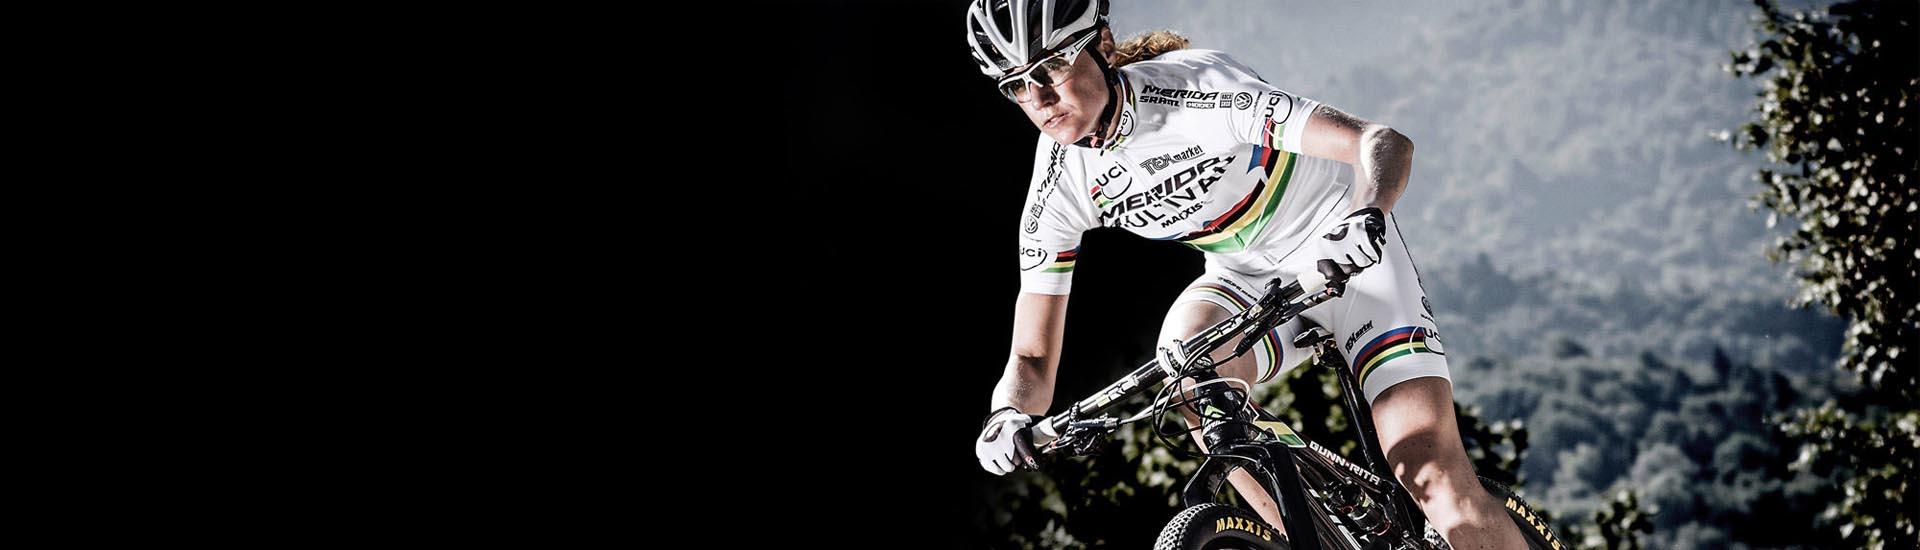 Ciclolab negozio di bici a Roma - slider homepage_4